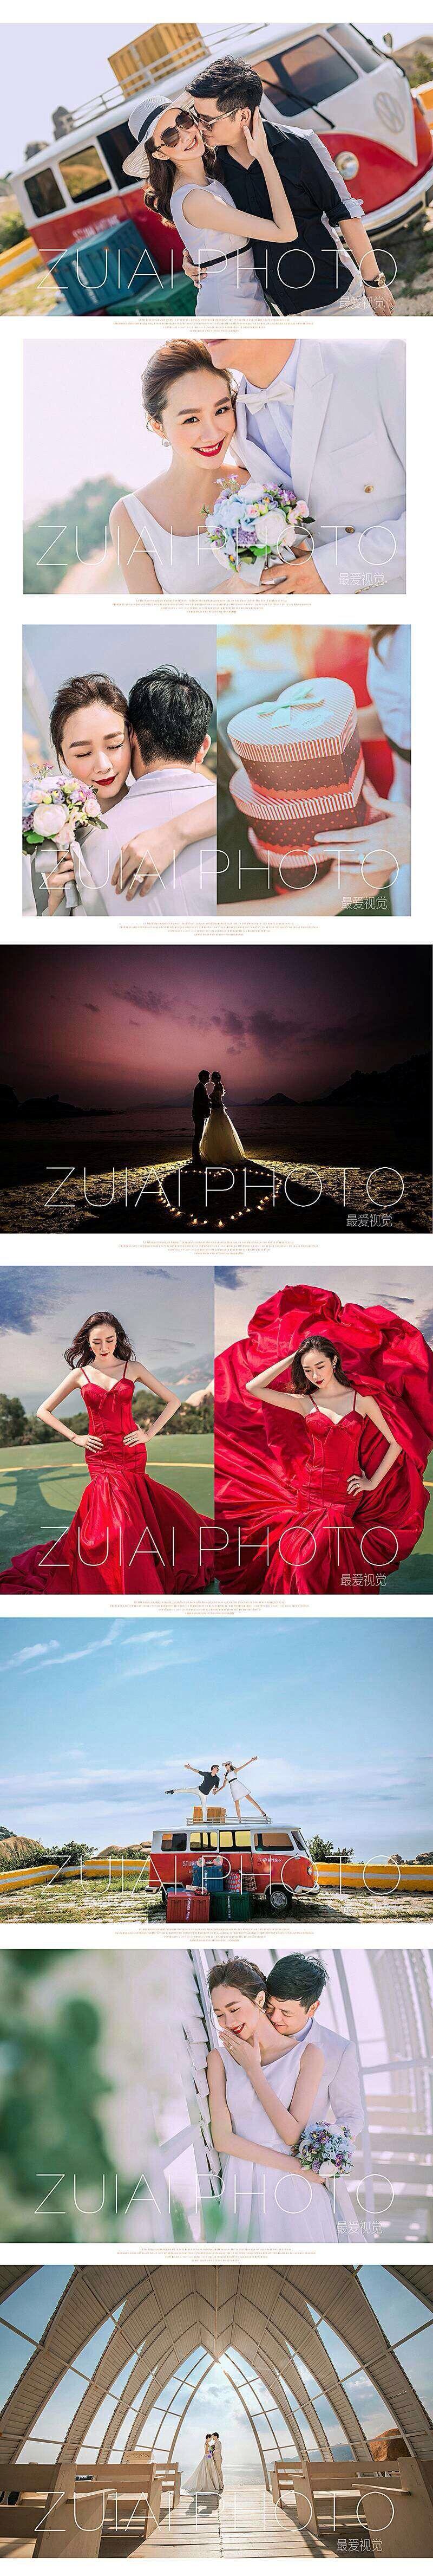 那琴半岛国际婚纱摄影基地-客片分享